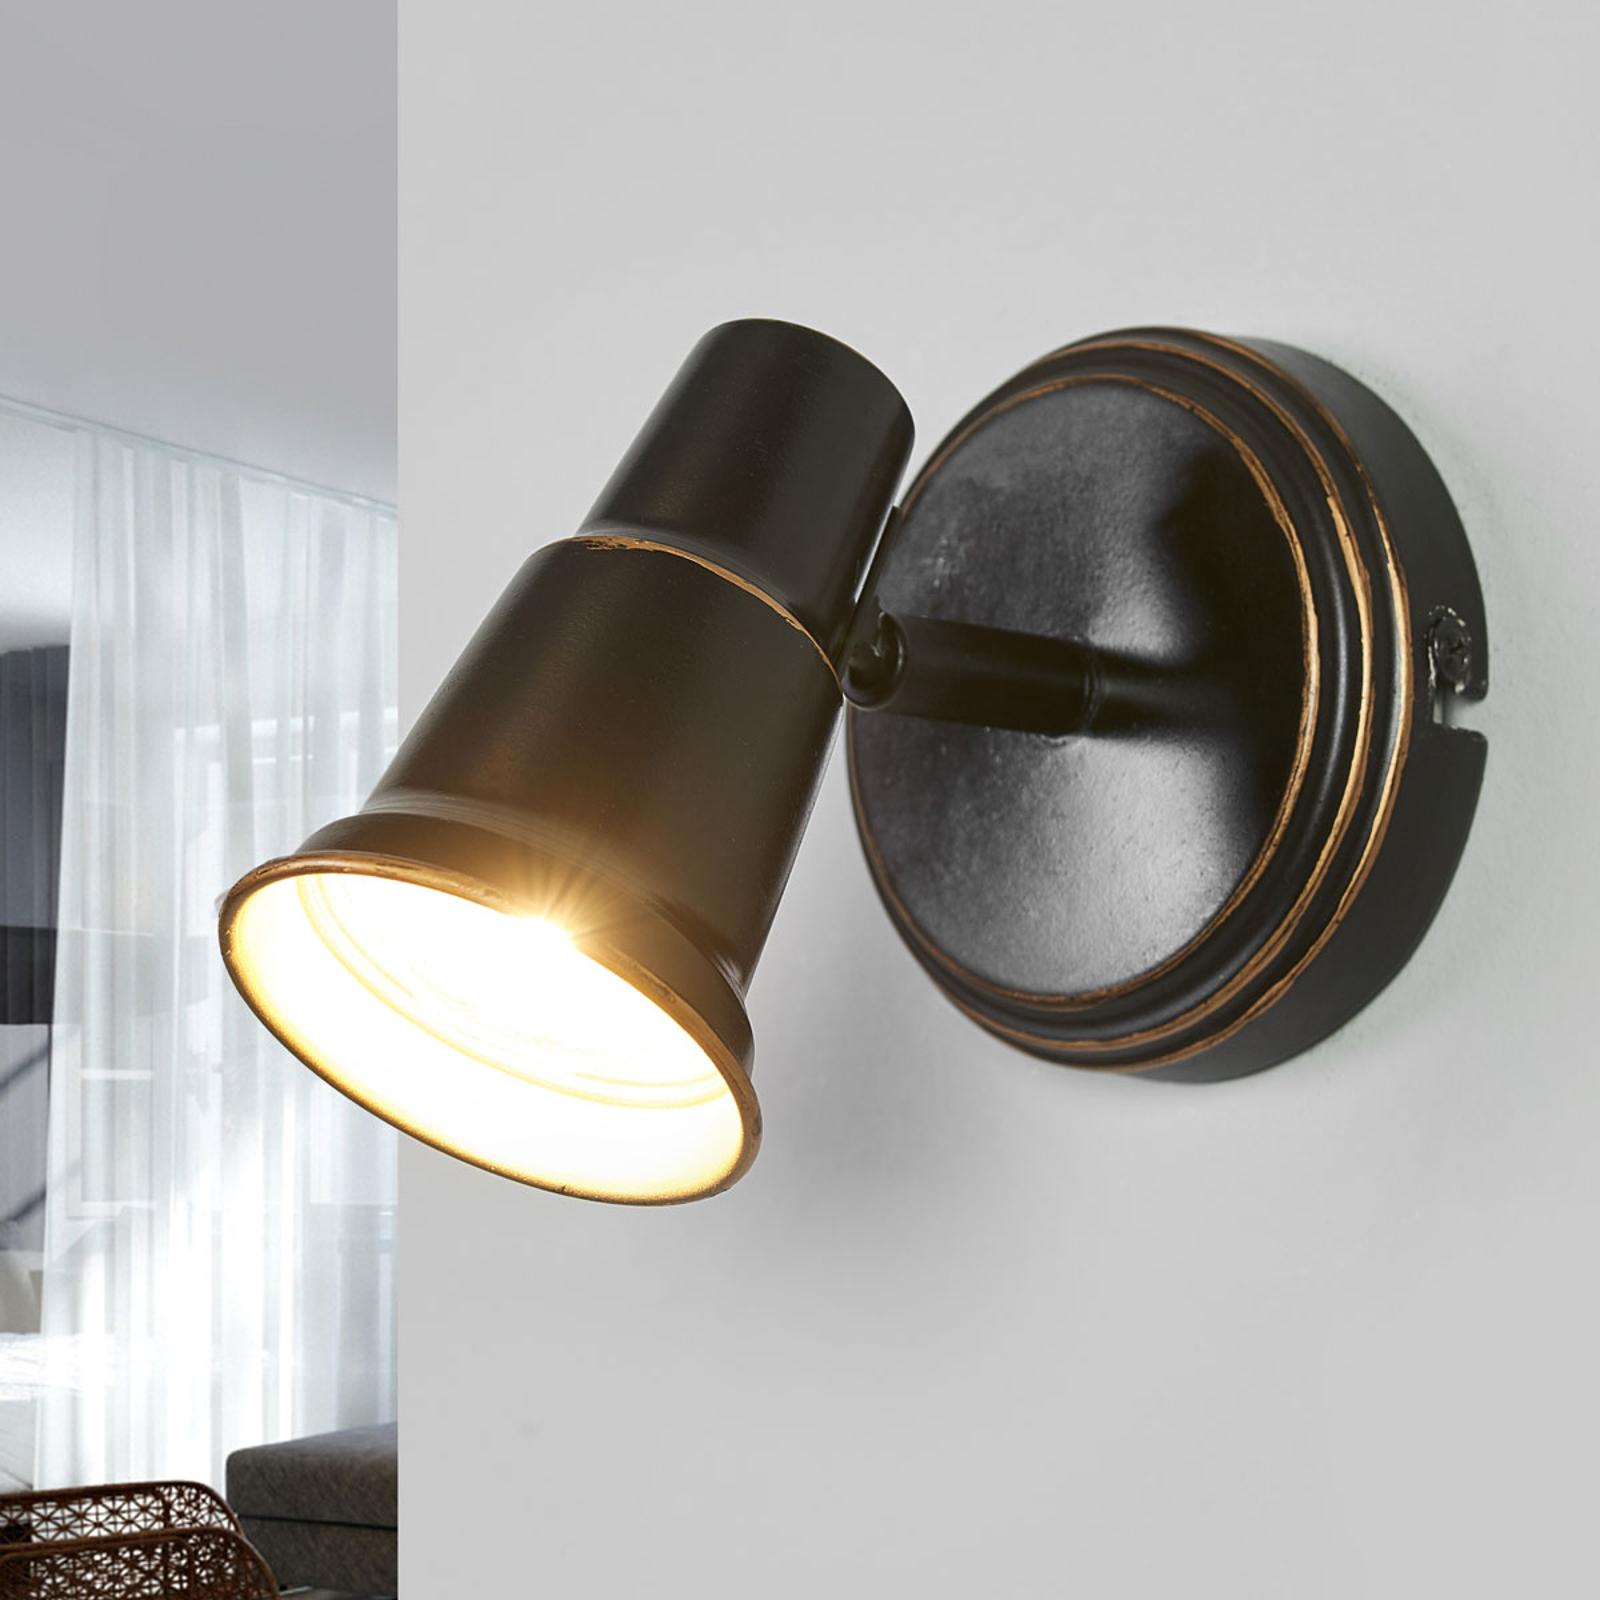 Arielle - antik væglampe i sort